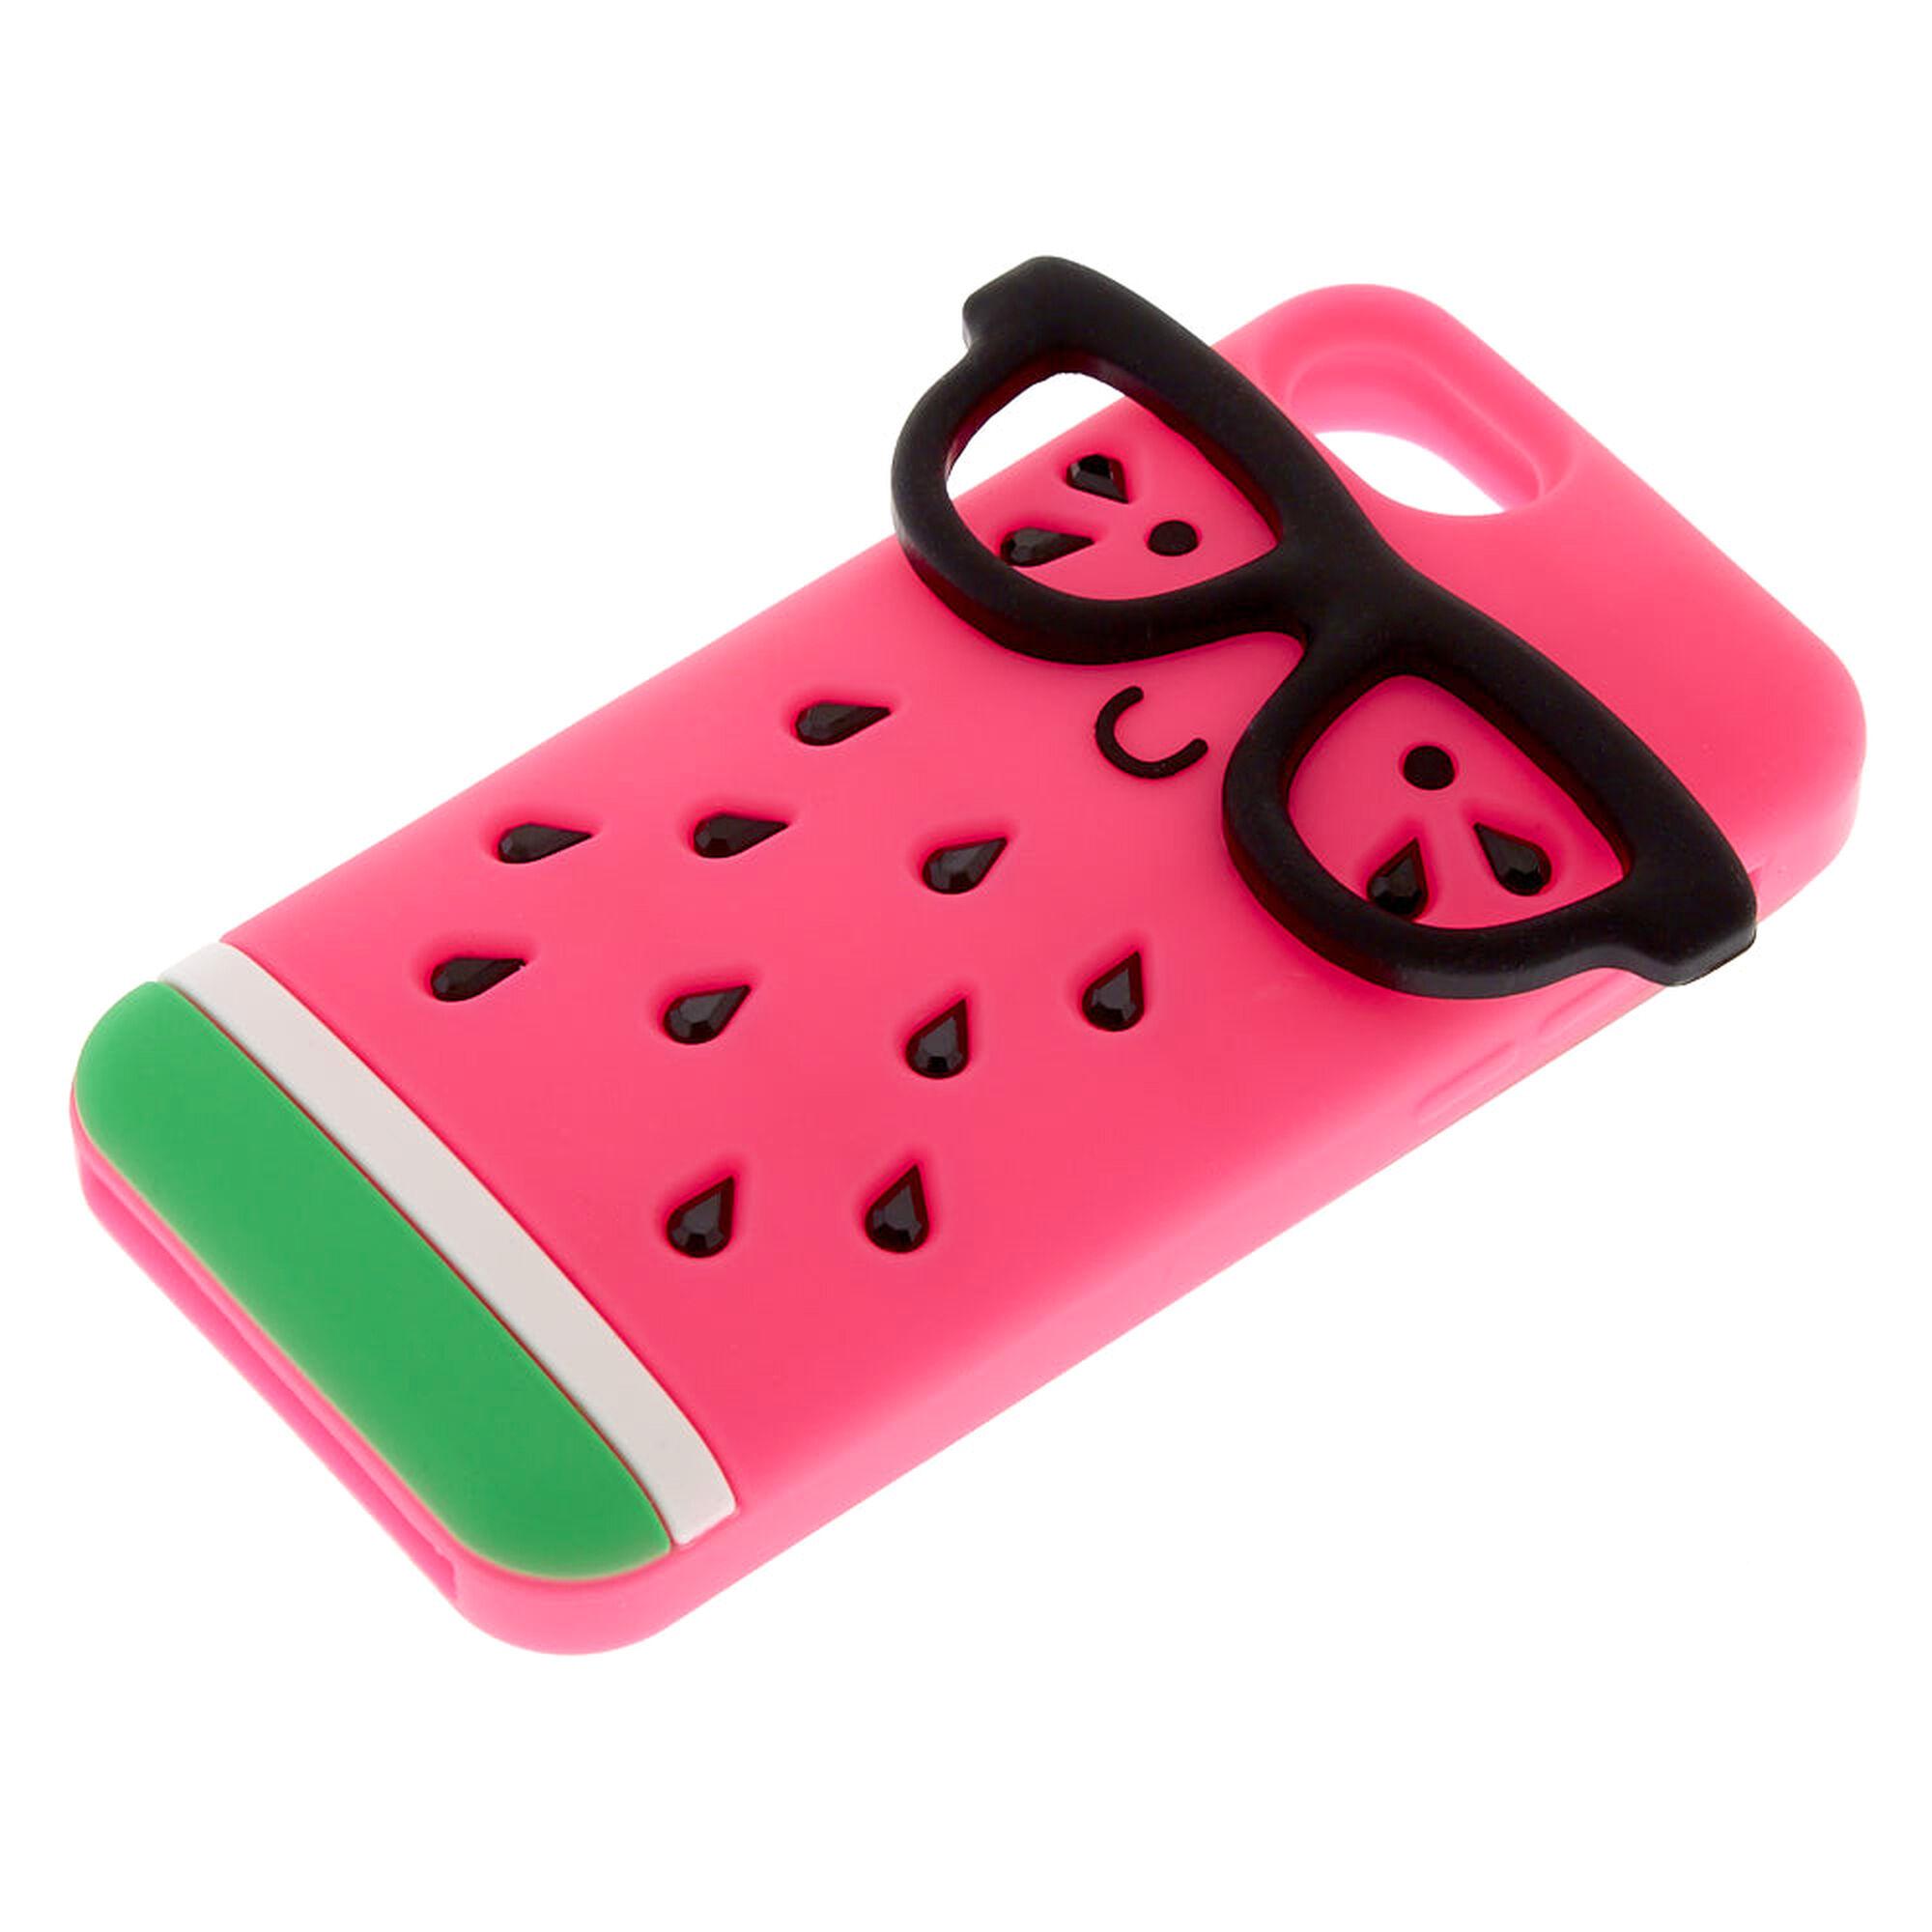 LvheCn TPU Phone Cases For iPhone 6 6S 7 8 Plus X 5 5S 5C